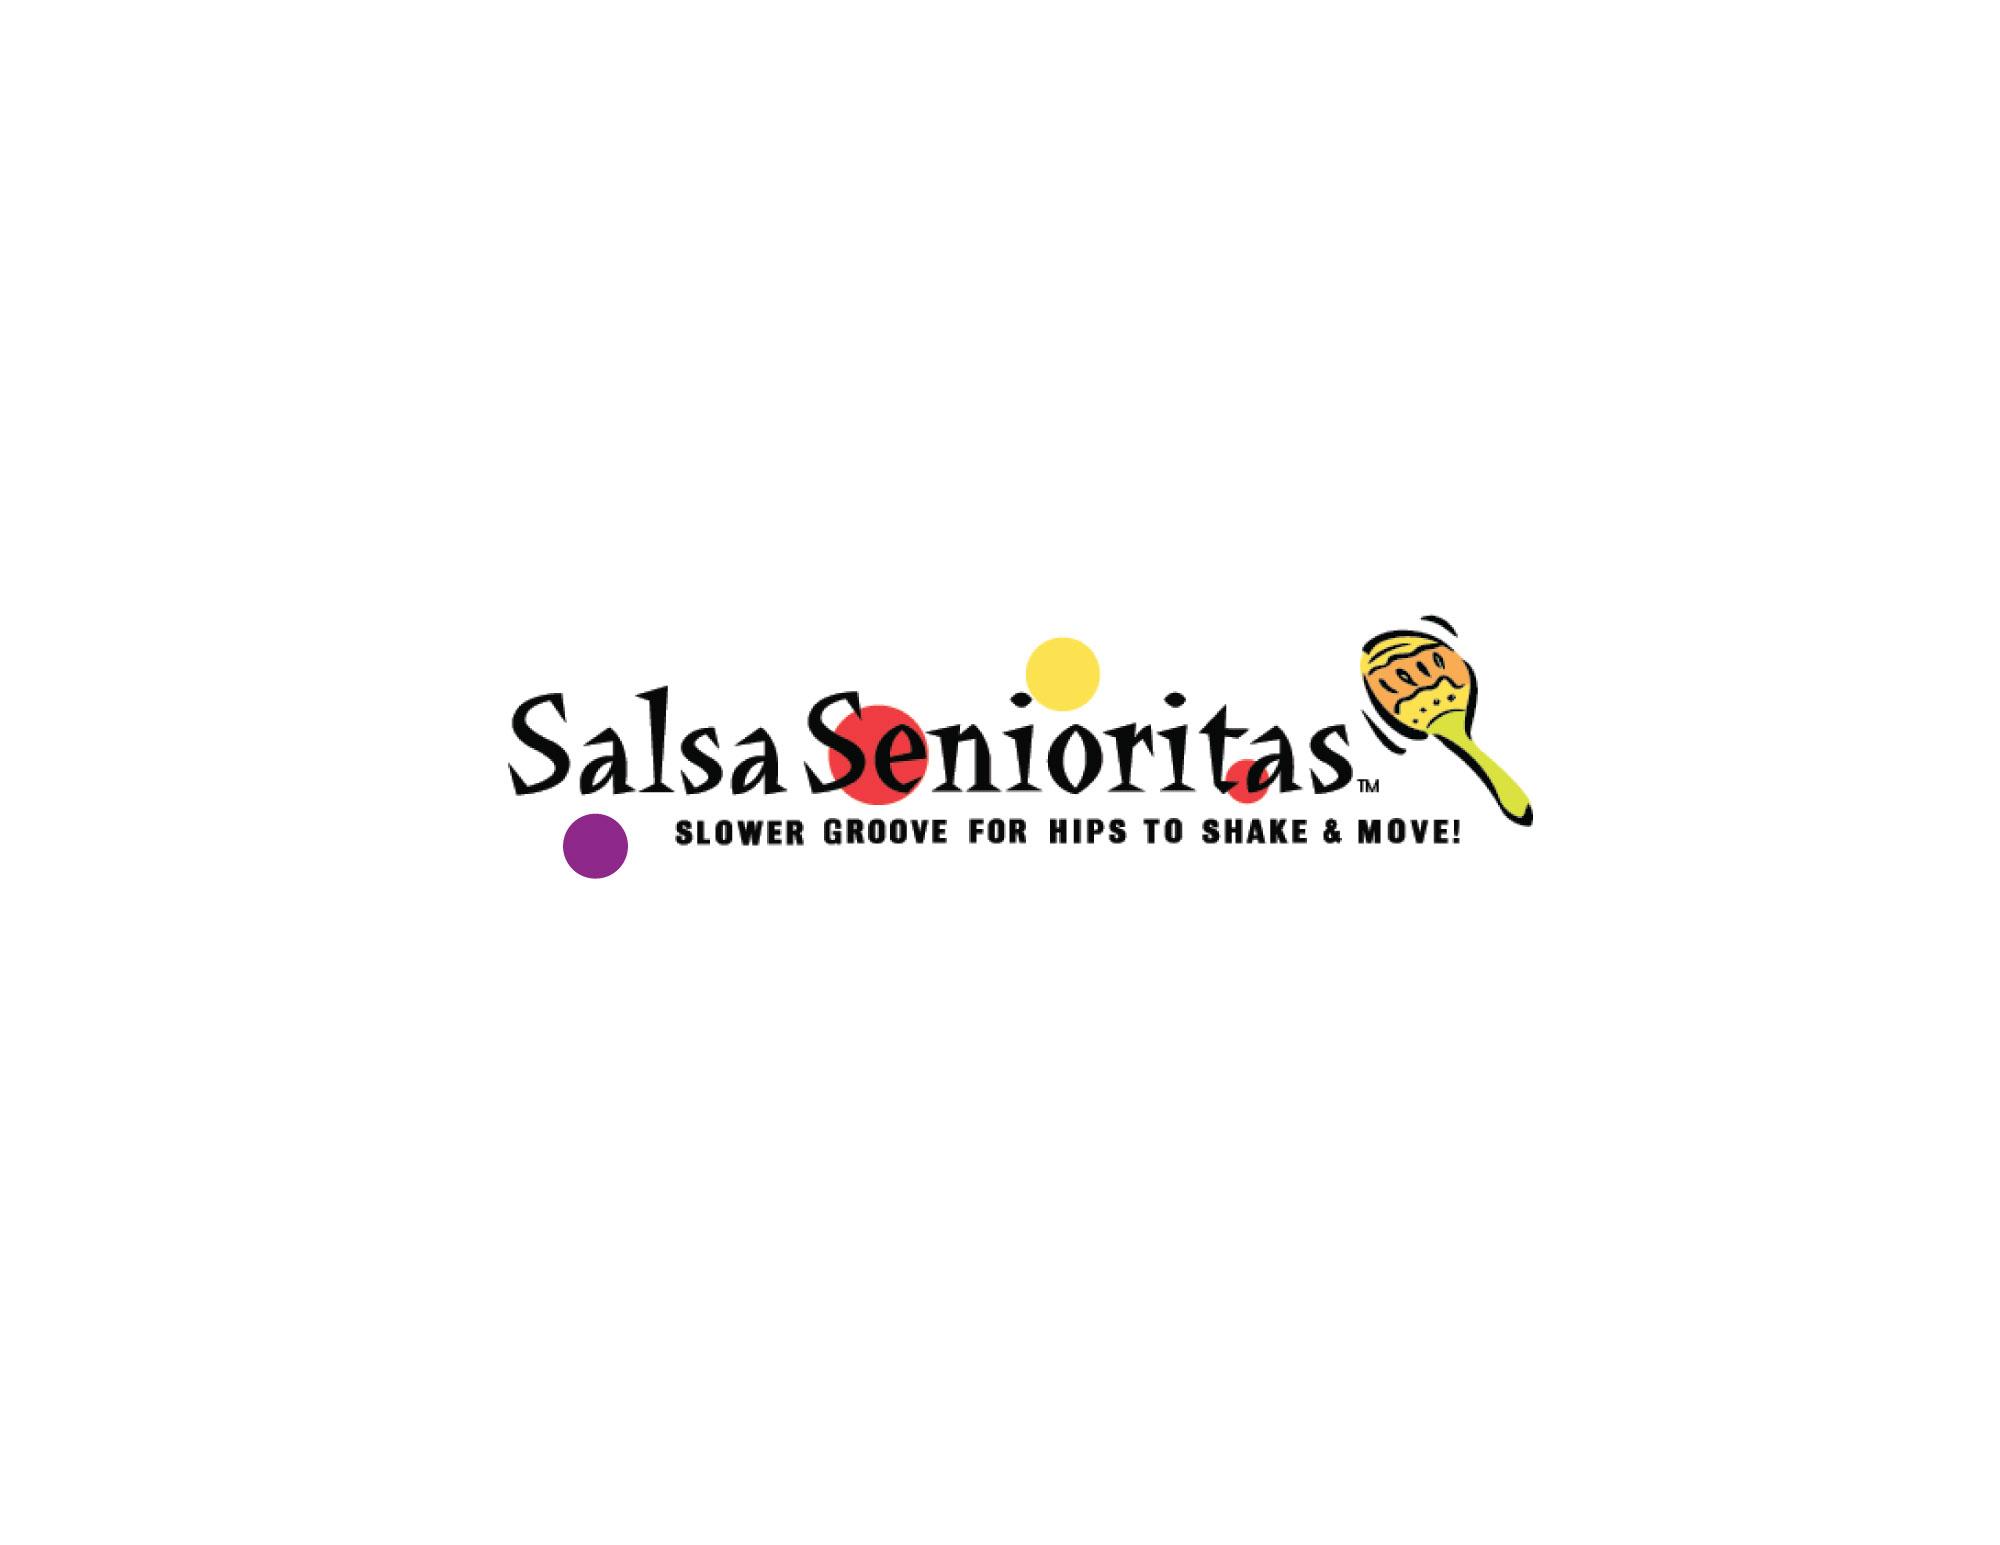 senioritas_logo.jpg